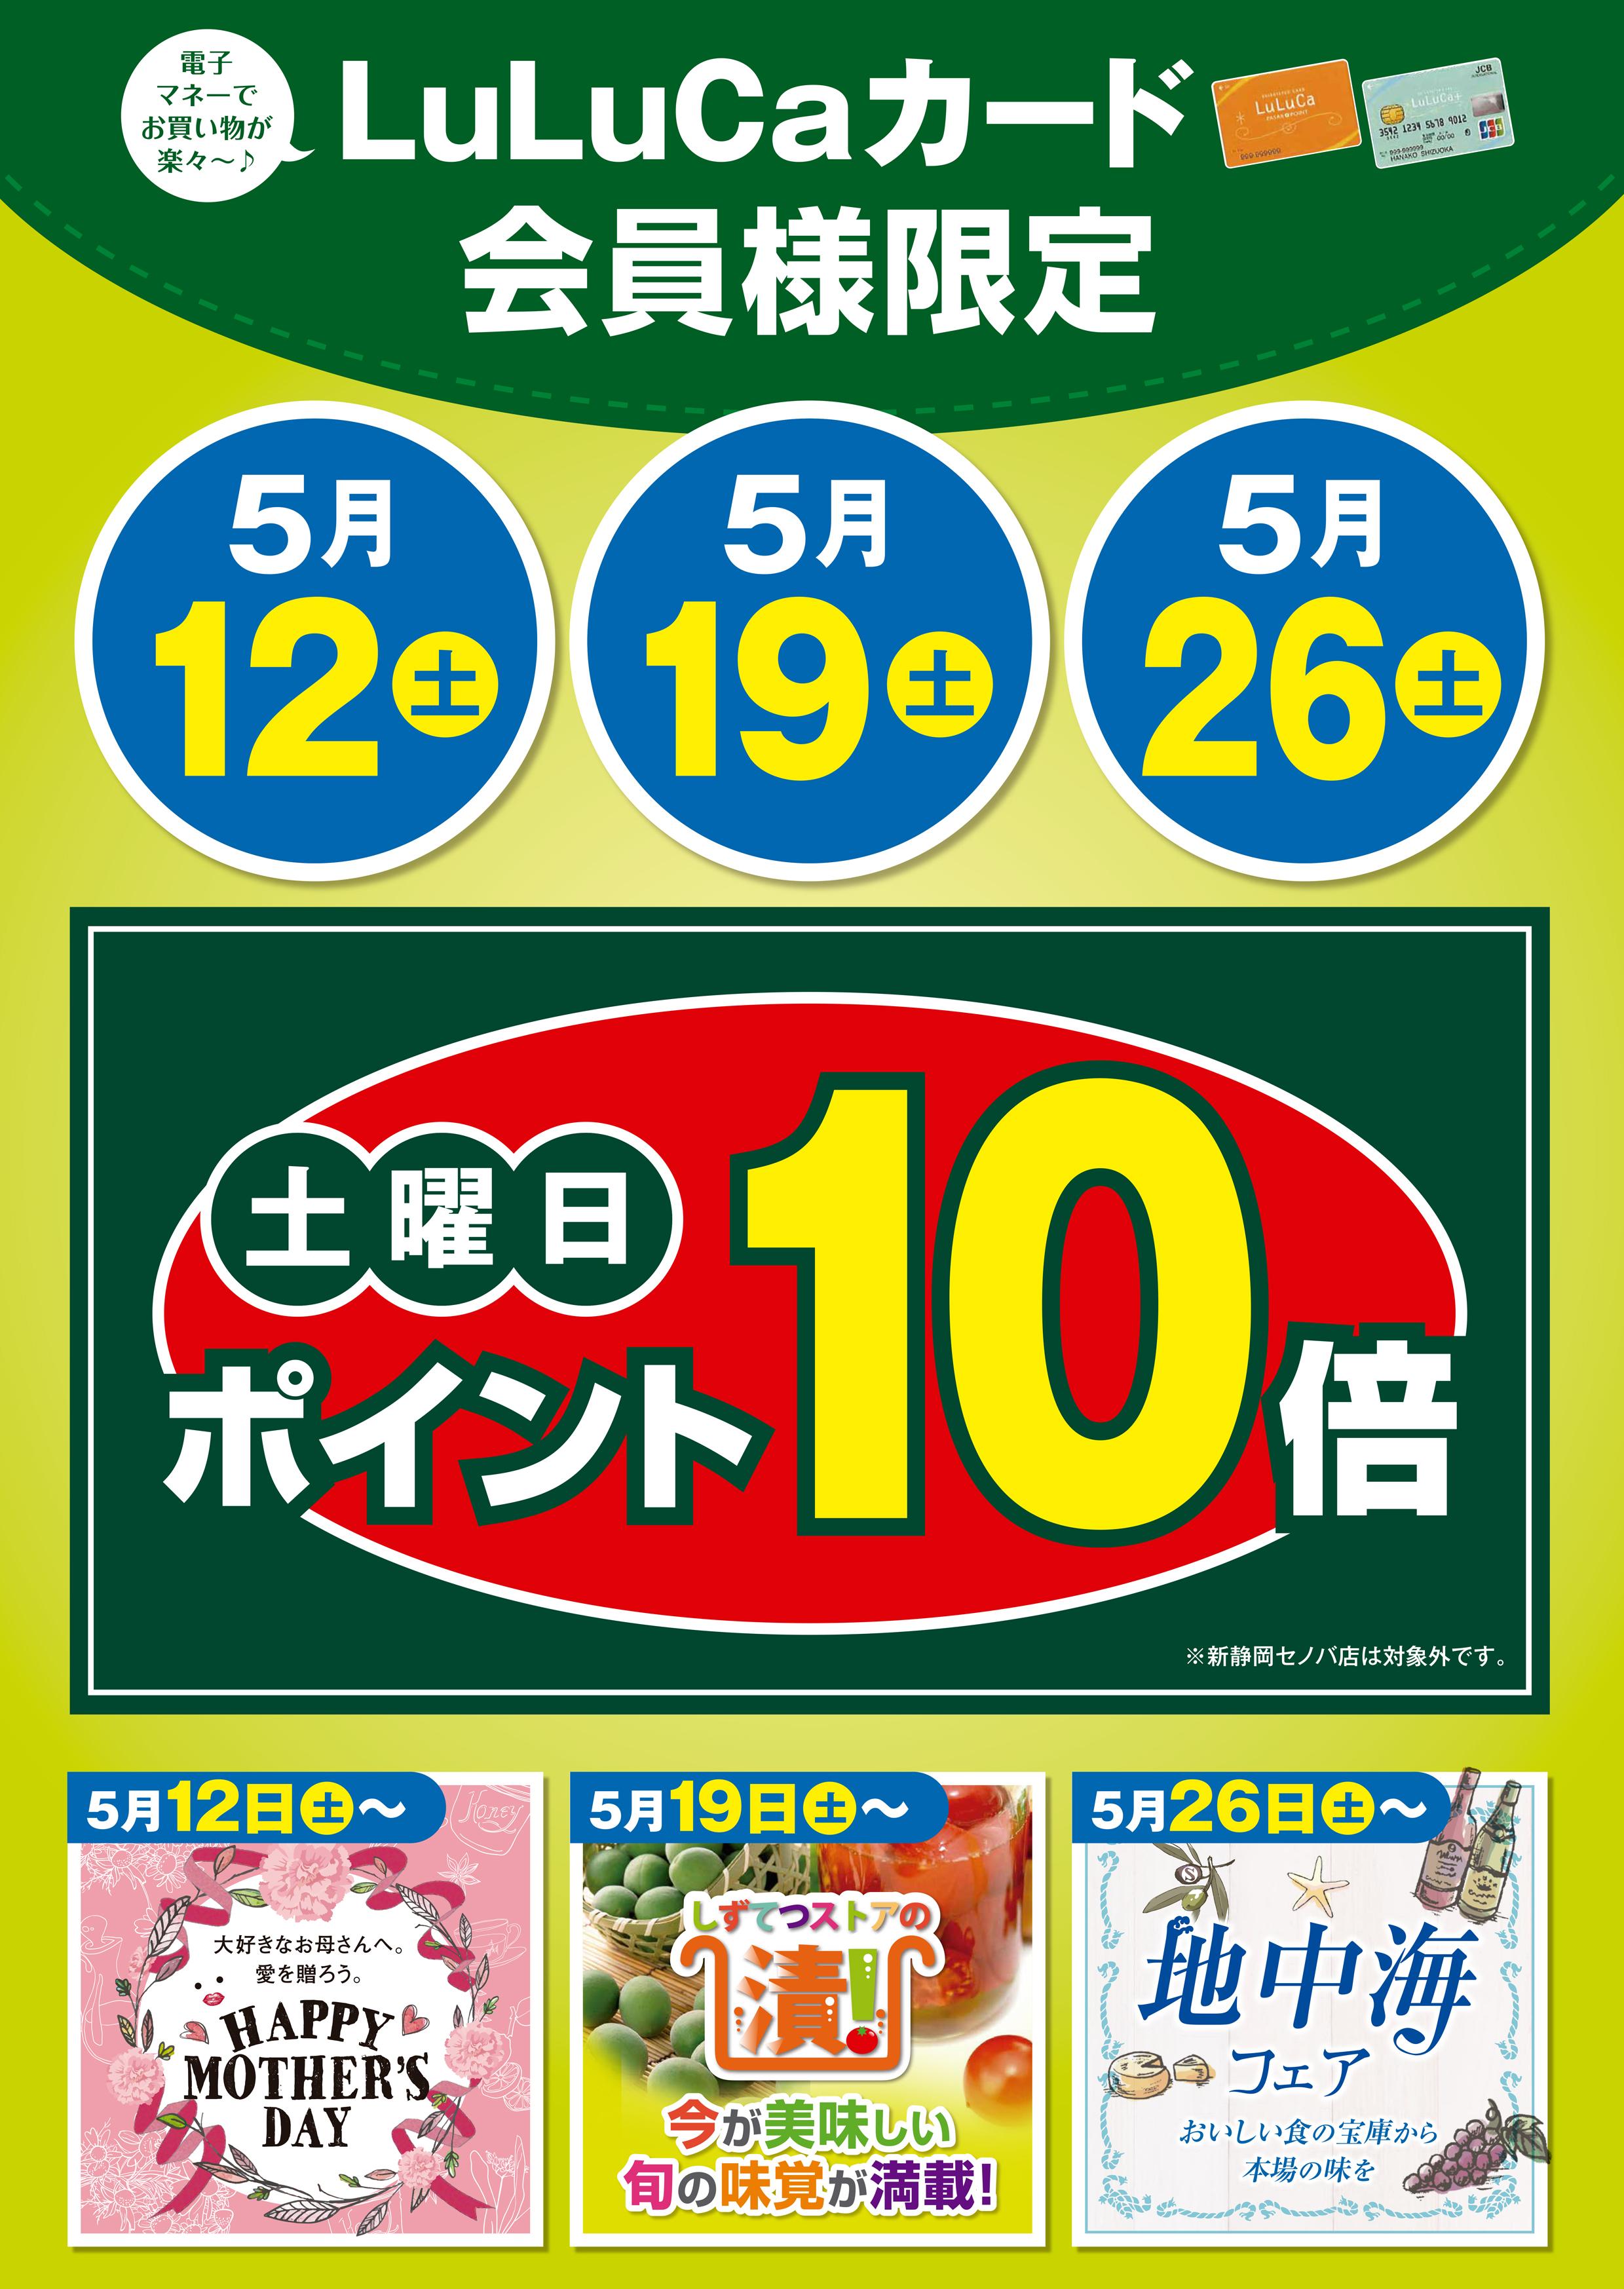 5/12(土)・5/19(土)2日間限定で、ポイント10倍デーを実施!